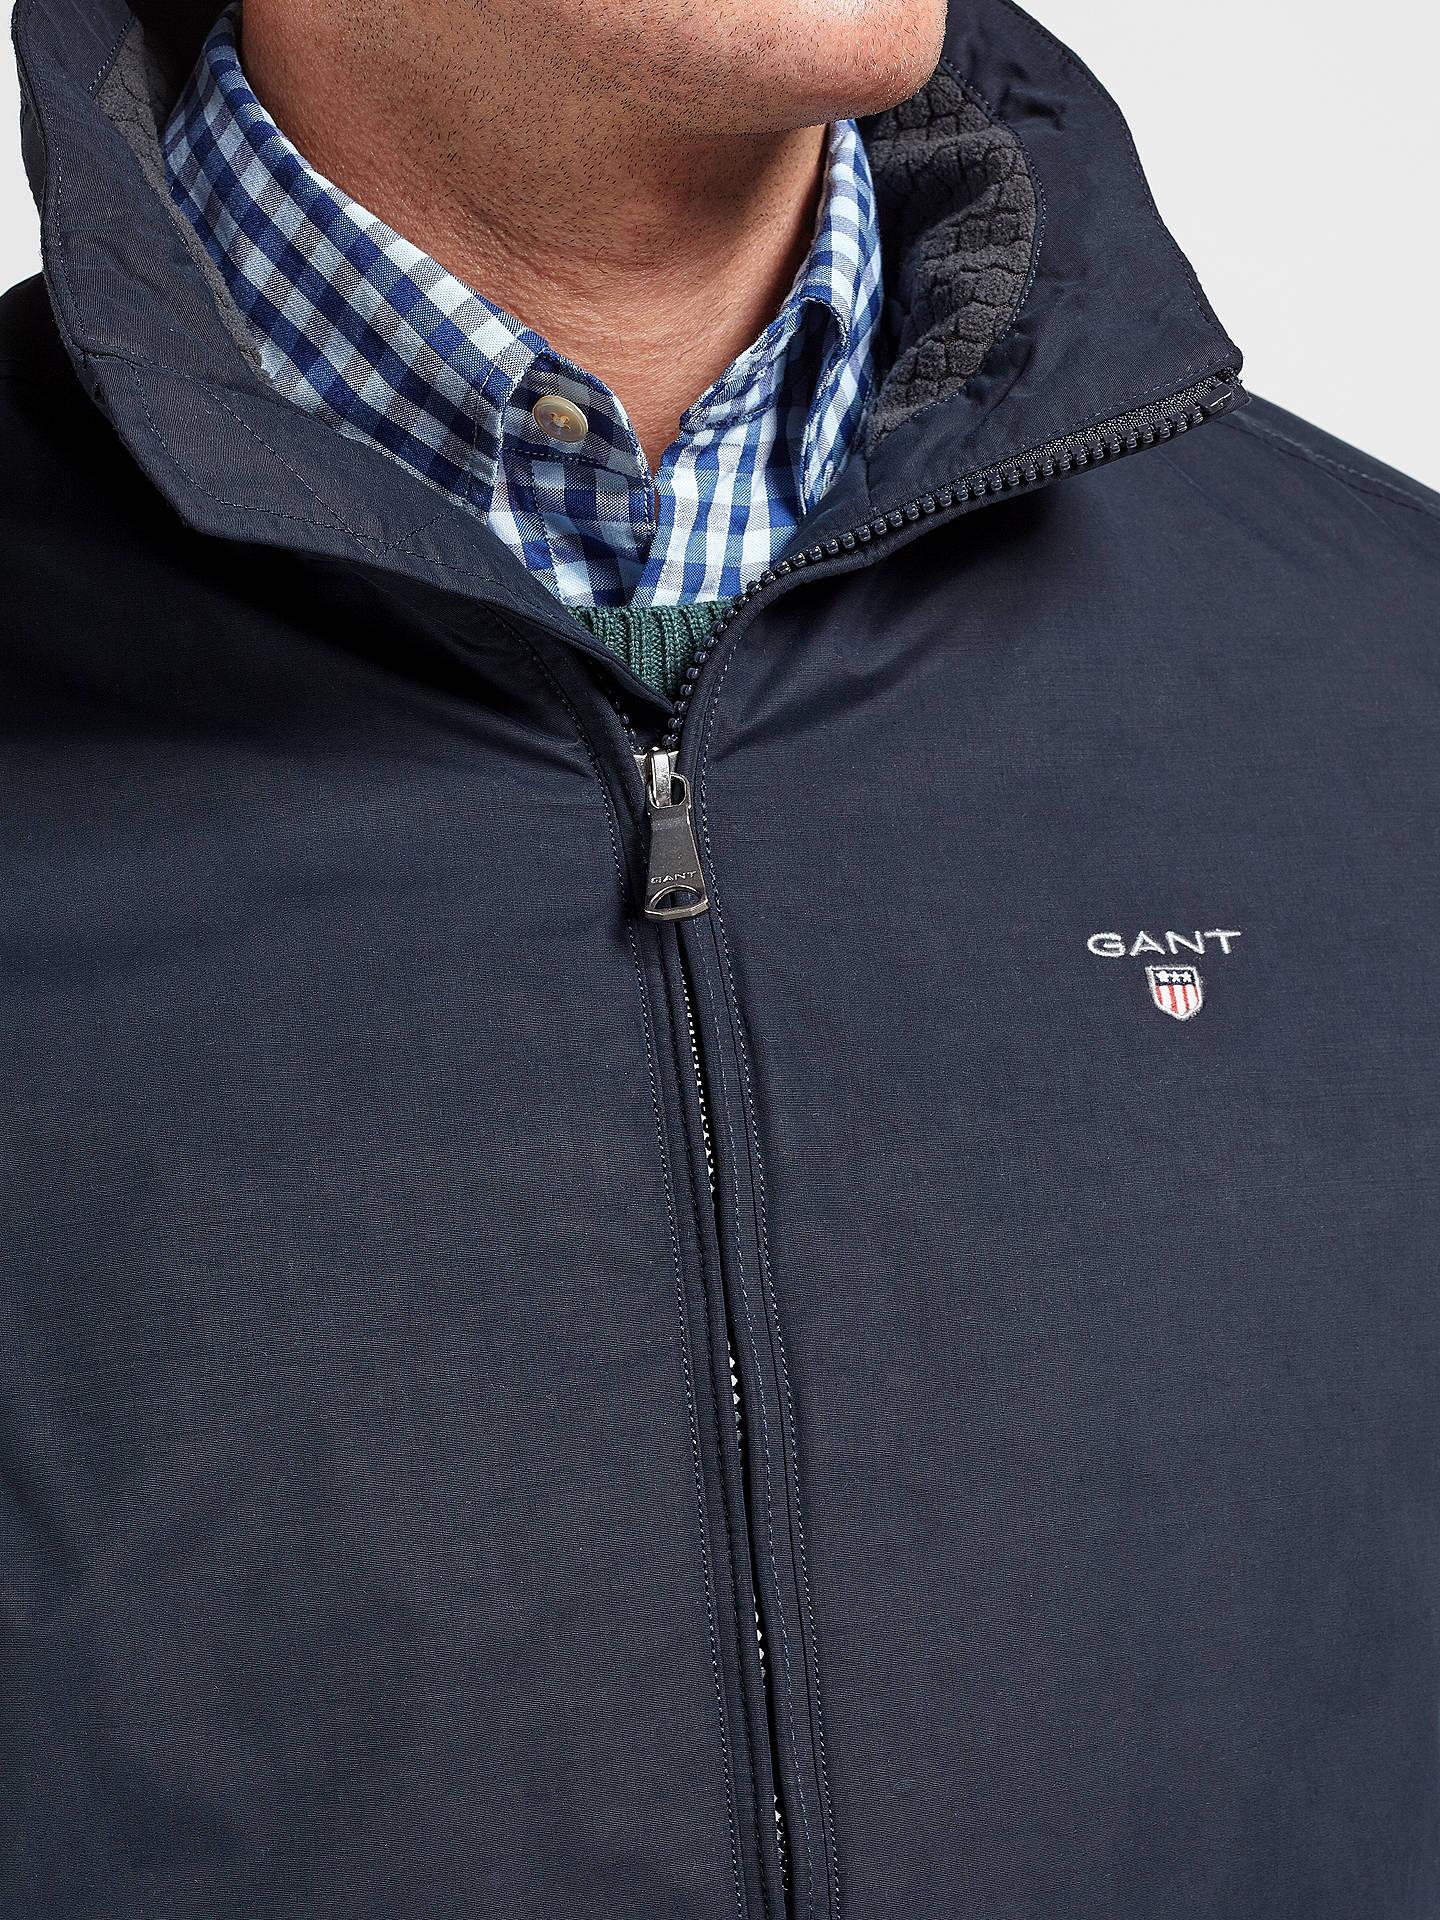 85110810af ... Buy Gant Mid Length Jacket, Navy, M Online at johnlewis.com ...